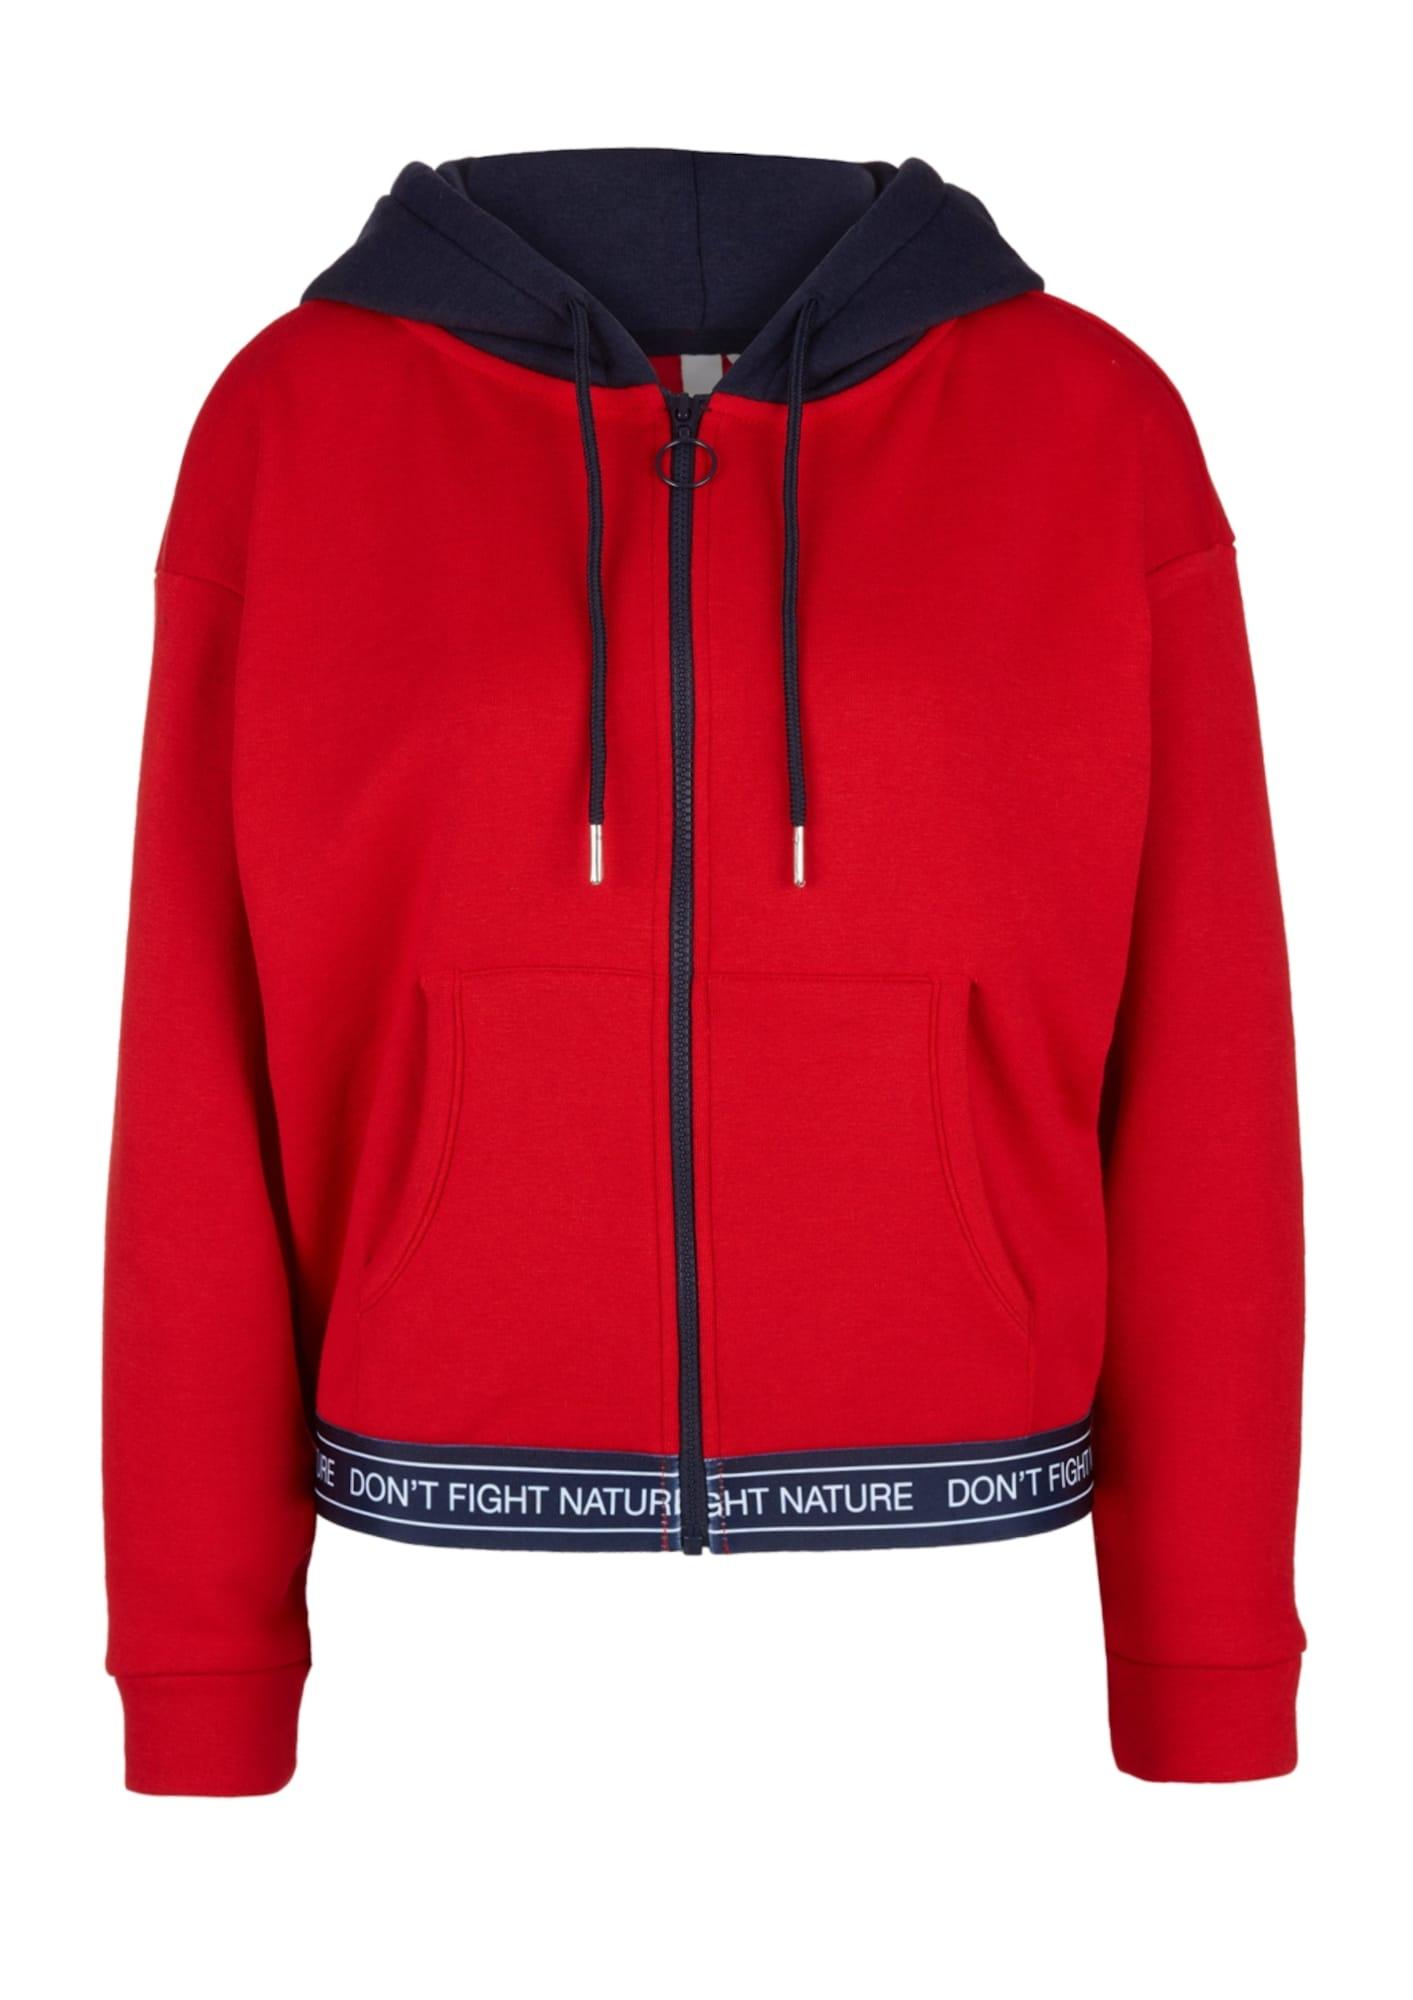 Sweatjacke   Bekleidung > Sweatshirts & -jacken > Sweatjacken   Q/S Designed By